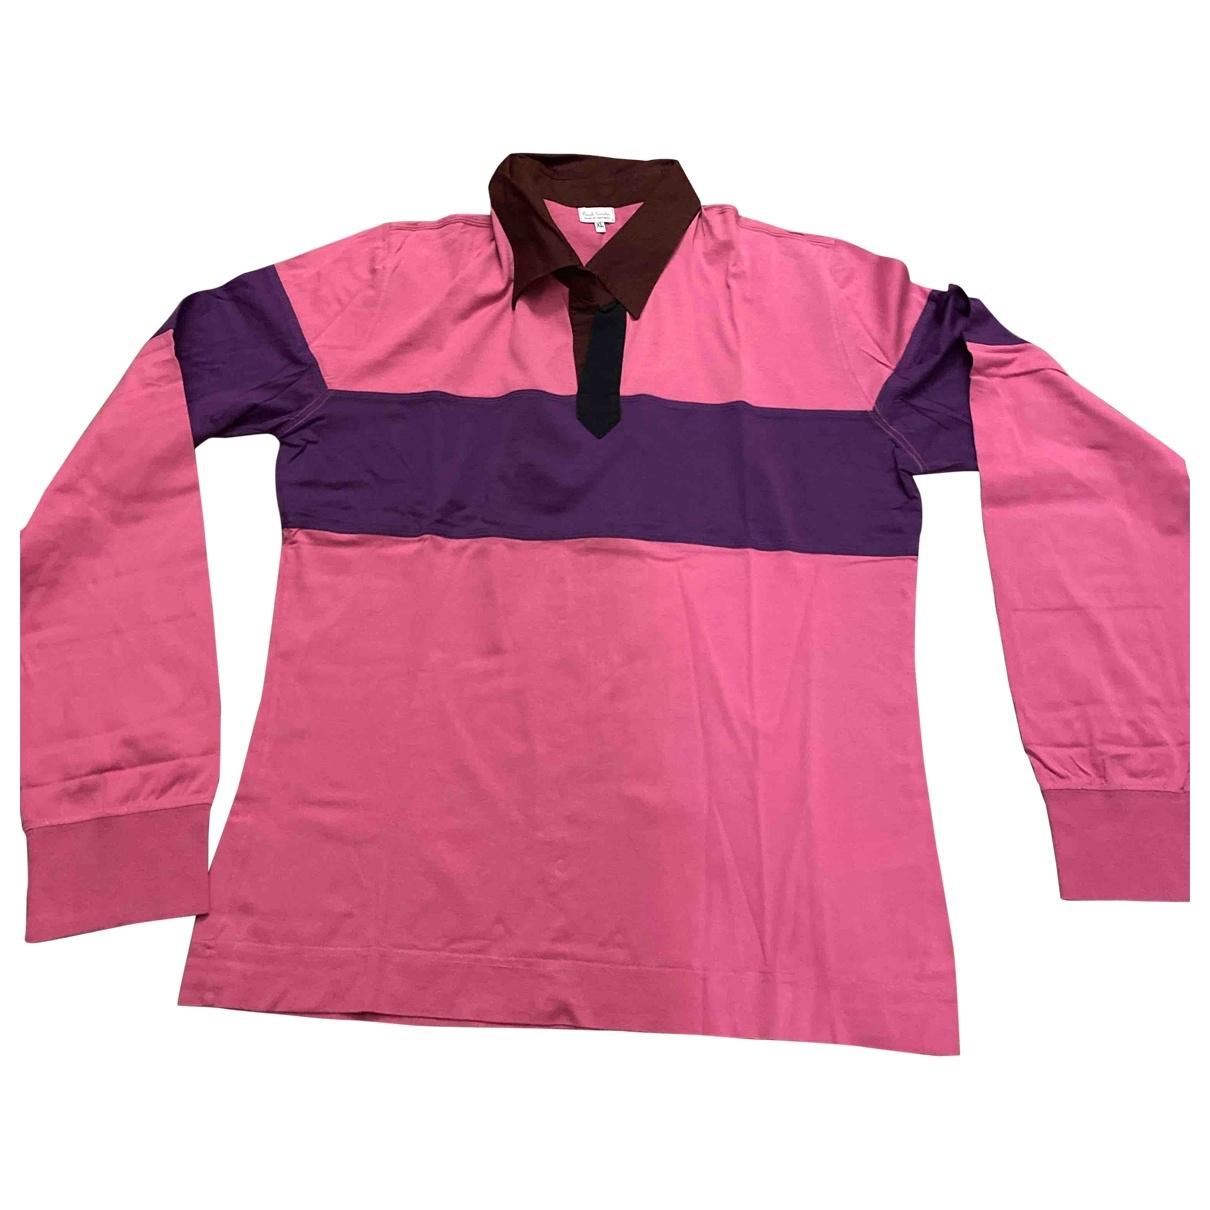 Paul Smith - Polos   pour homme en coton - rose